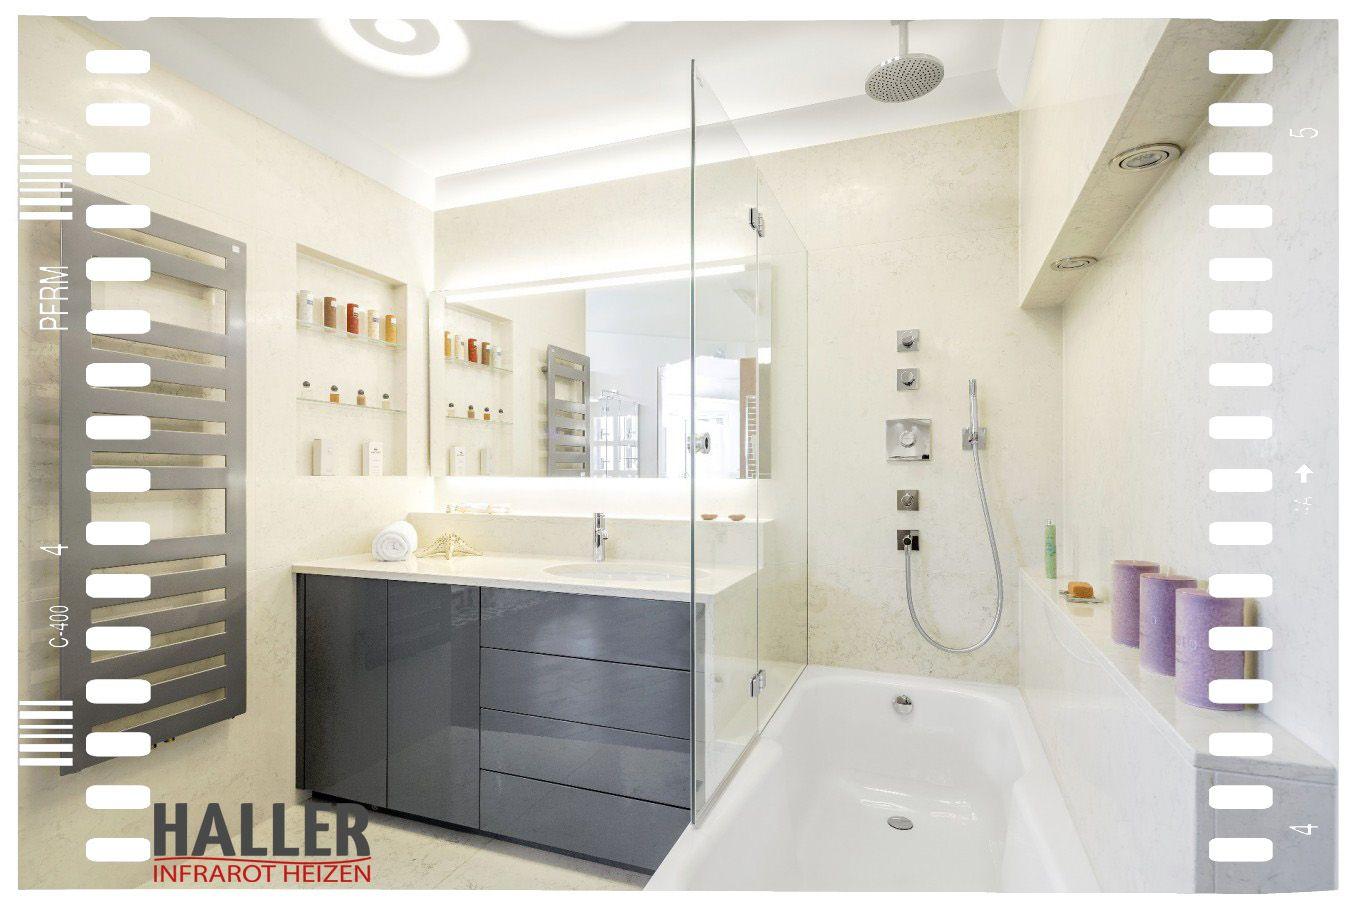 Haller Infrarotheizelemente Lassen Sich Unkompliziert Und Schnell An Der Decke Oder An Den Wanden Ihres Badezimmers Montiere Badezimmer Infrarotheizung Heizung